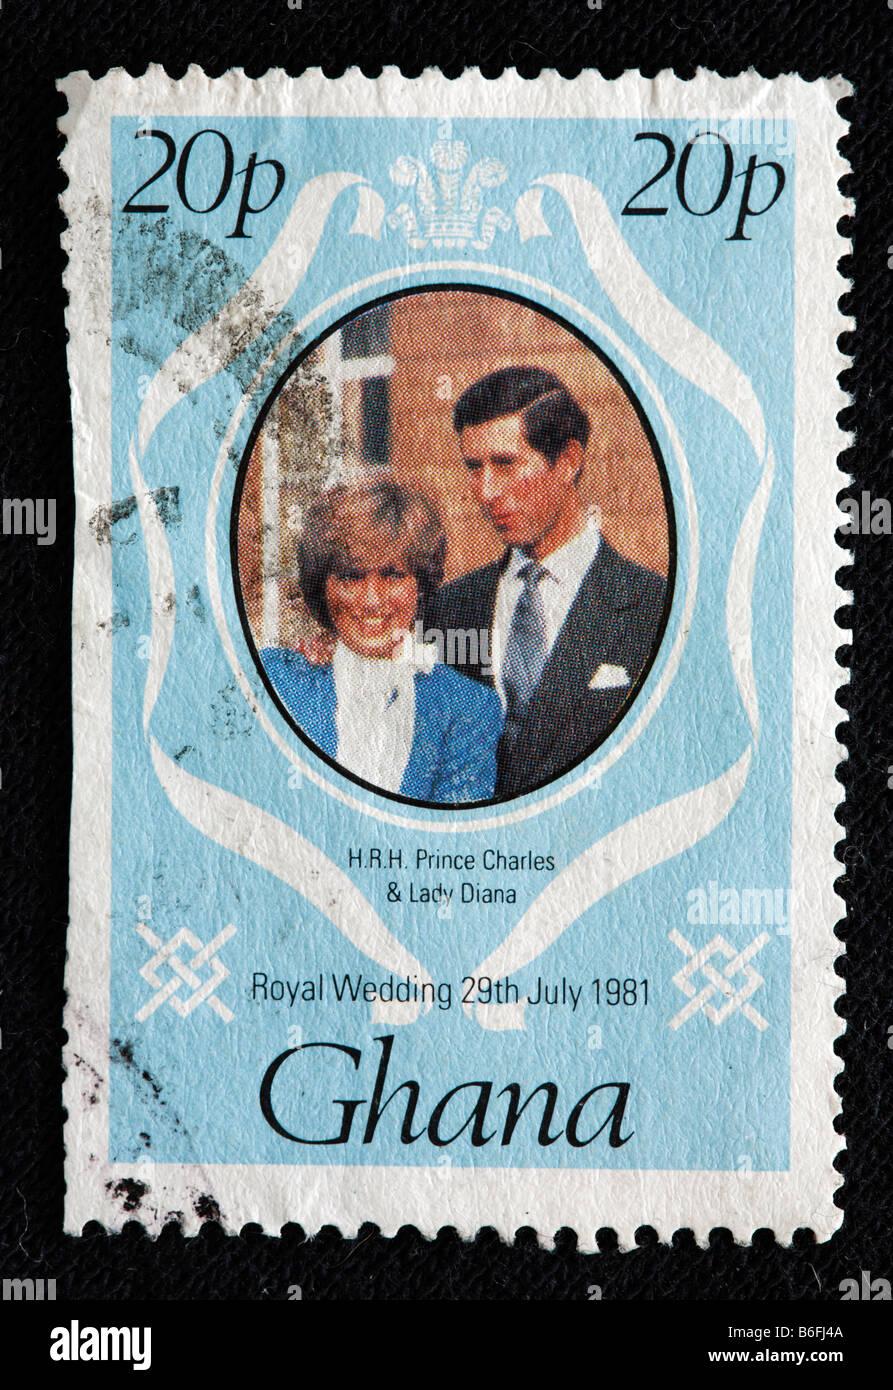 Hochzeit von Prinz Charles und Lady Diana 29. Juli 1981, Briefmarke, Ghana, 1981 Stockfoto